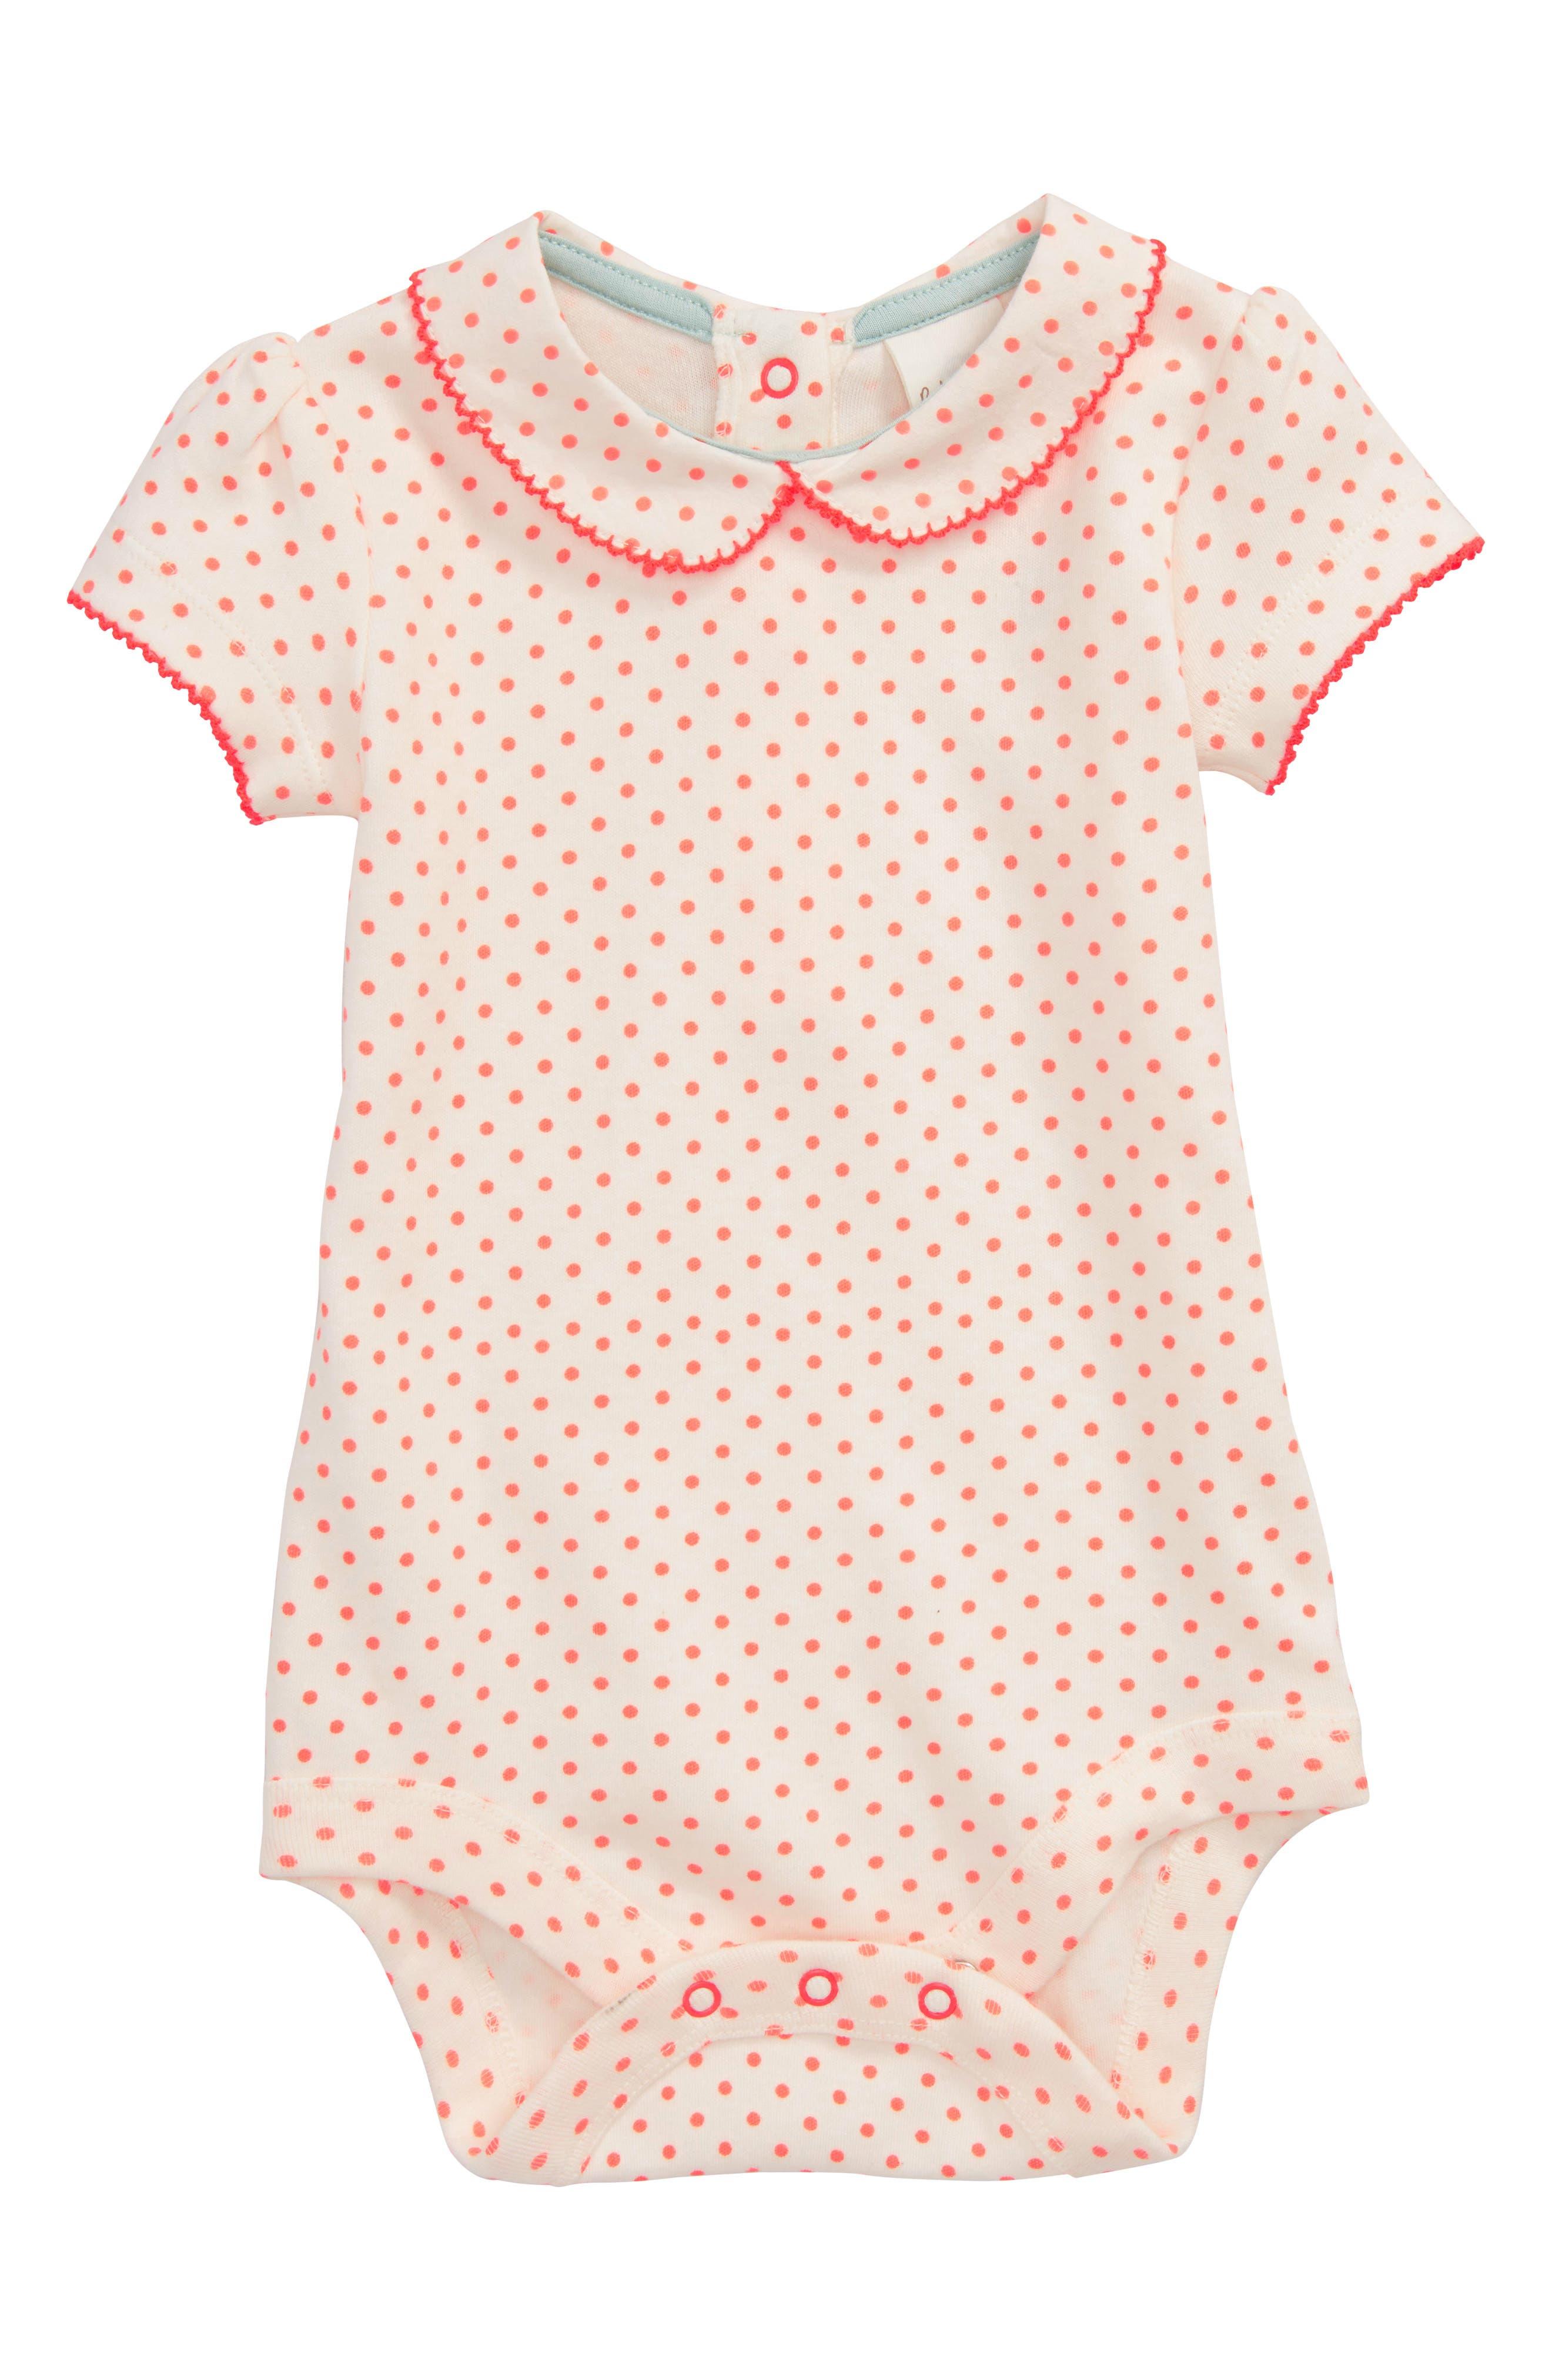 Alternate Image 1 Selected - Mini Boden Summer Collar Bodysuit (Baby Girls)